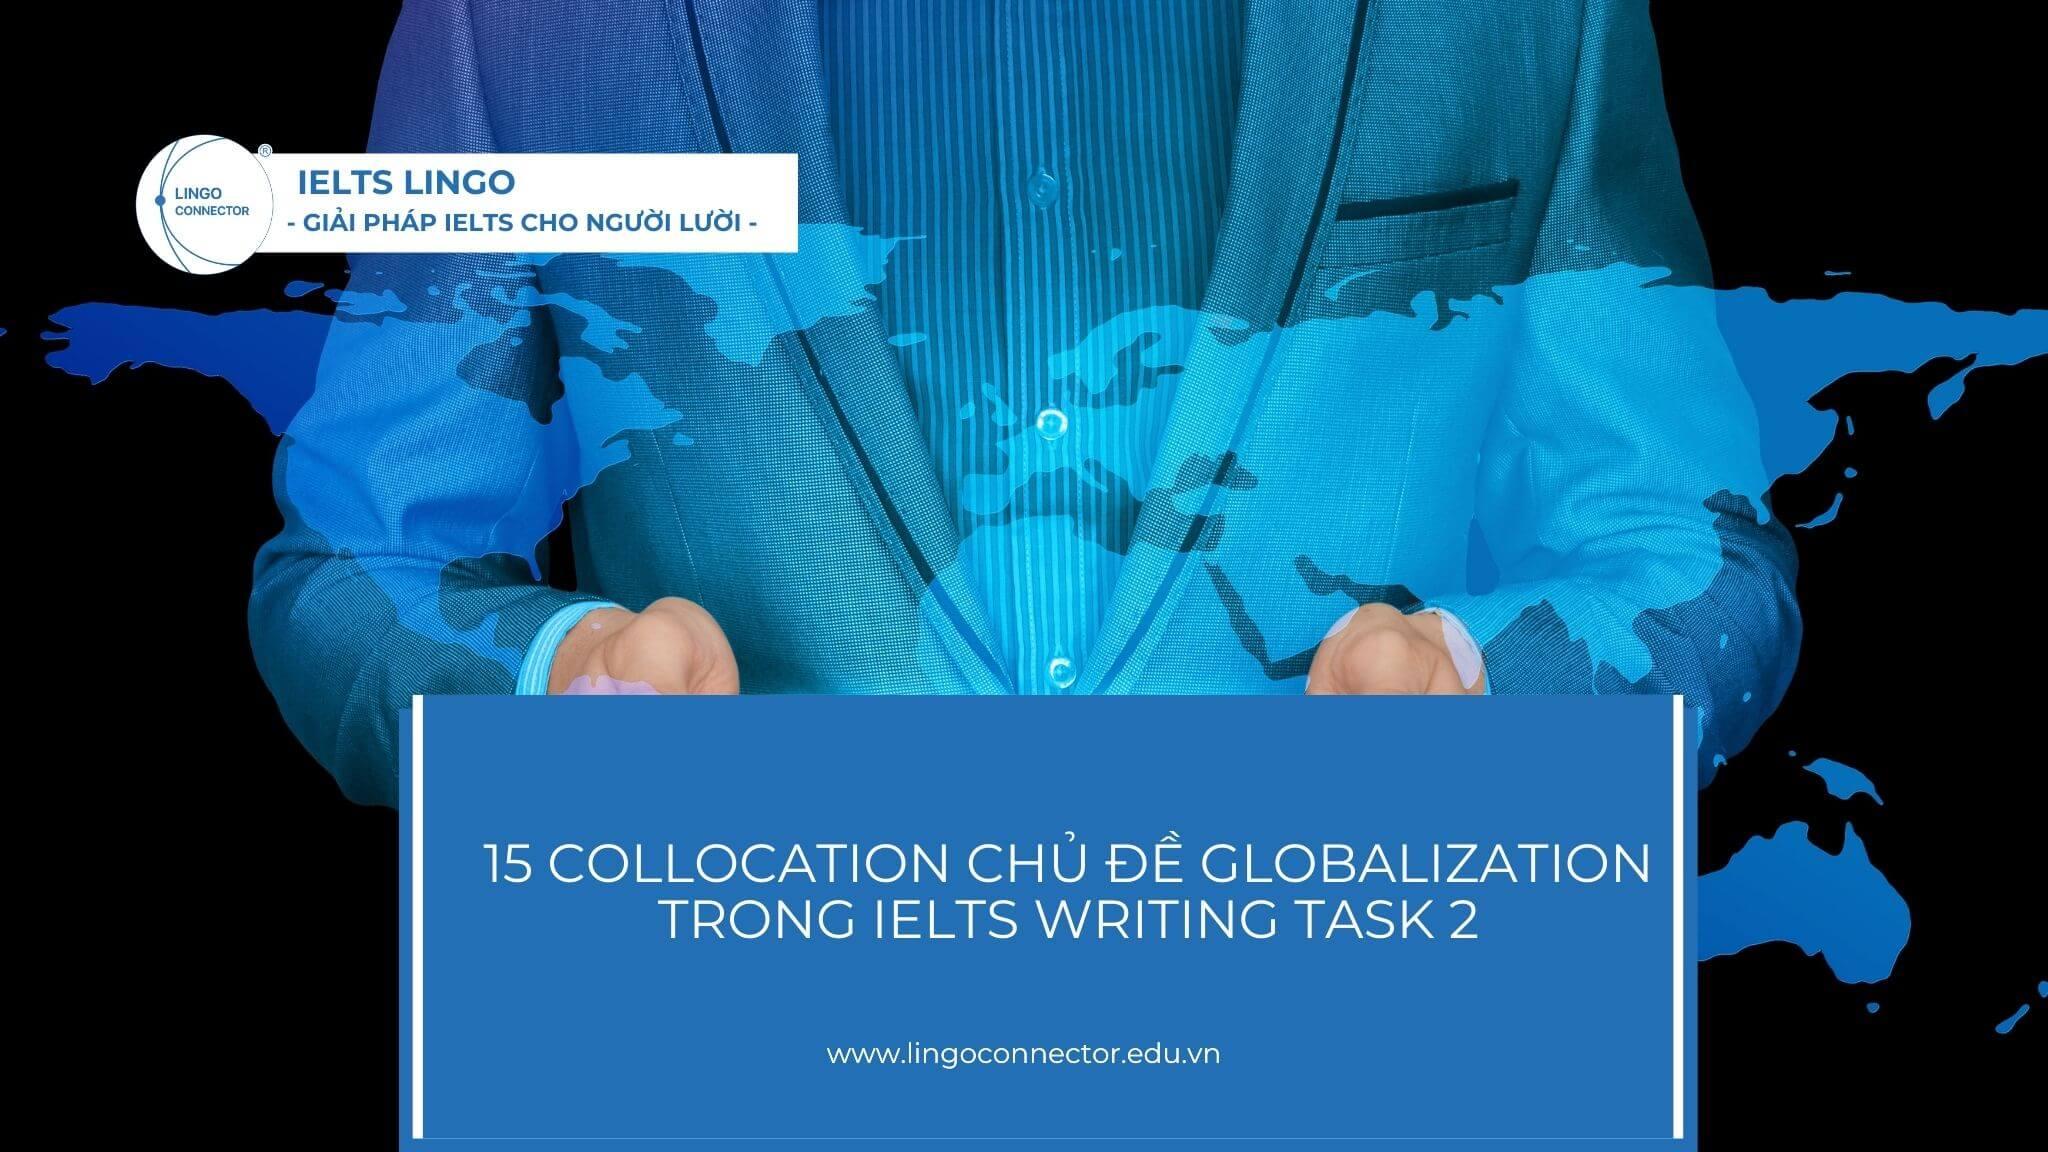 collocation-chu-de-globalization